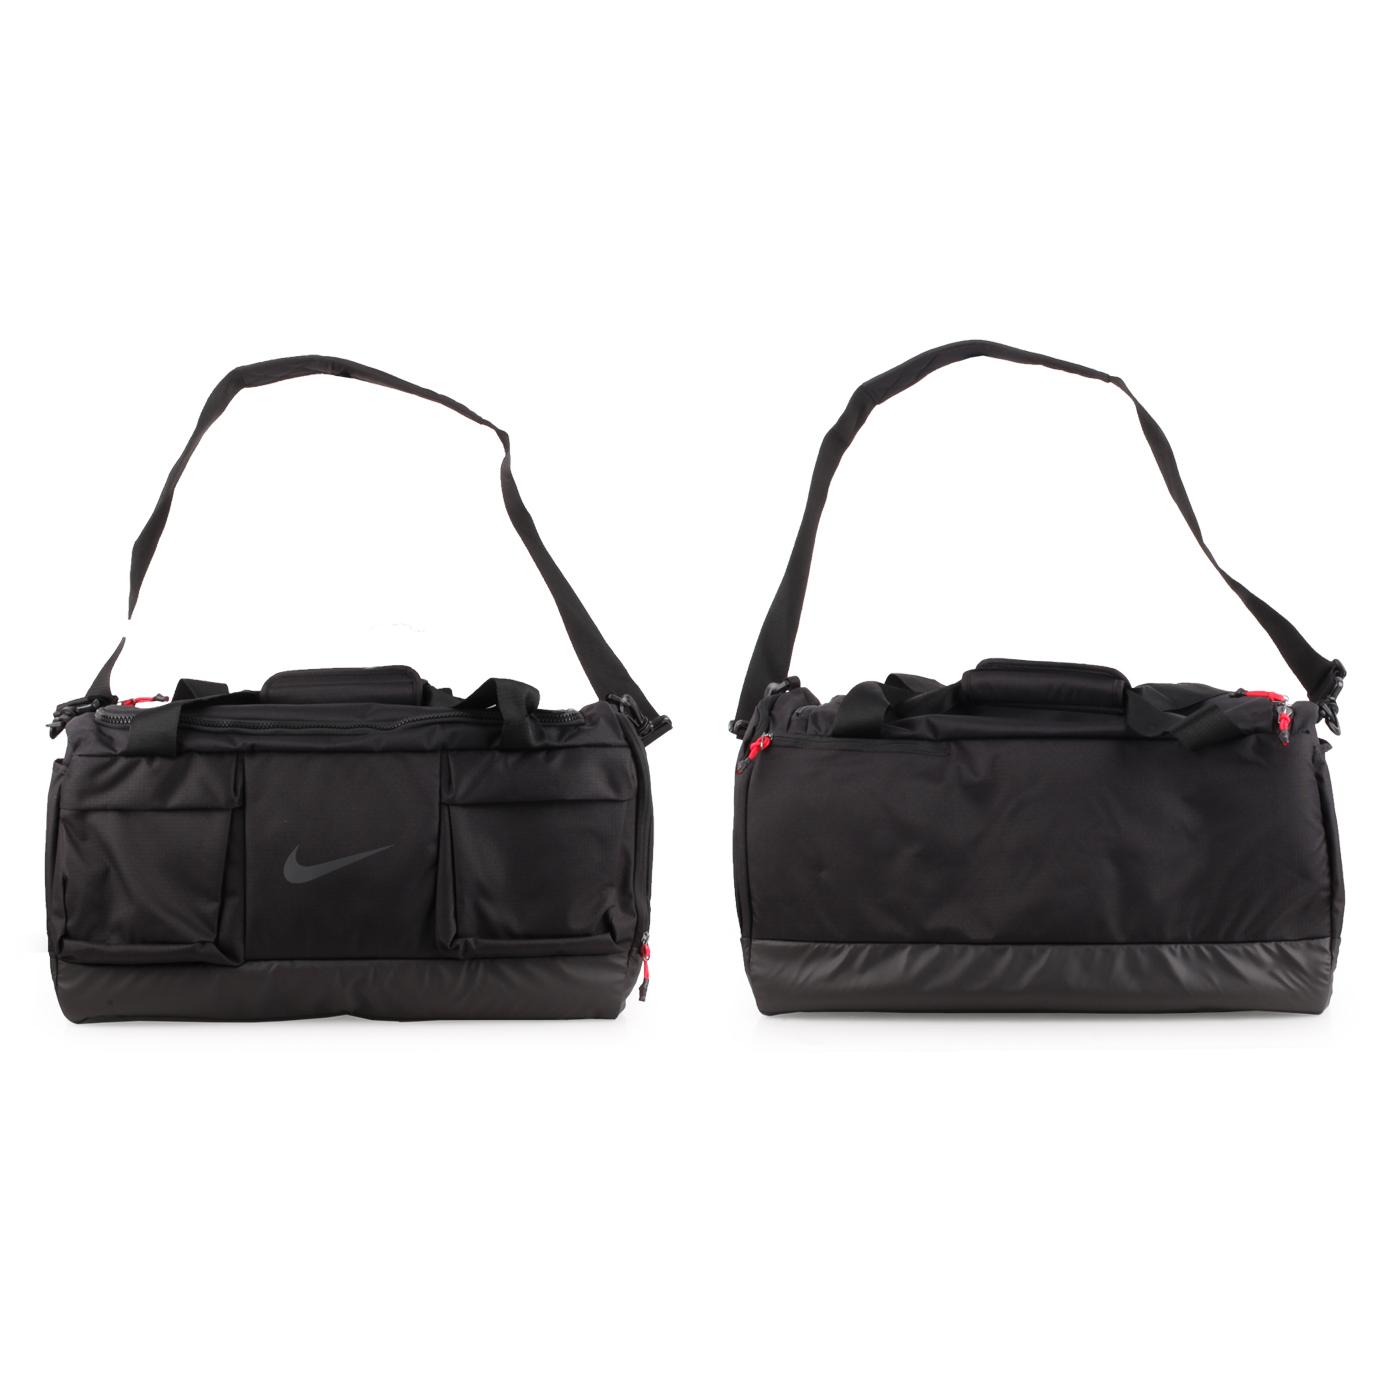 NIKE 高爾夫衣物包  GOLFBA5785-010 - 黑